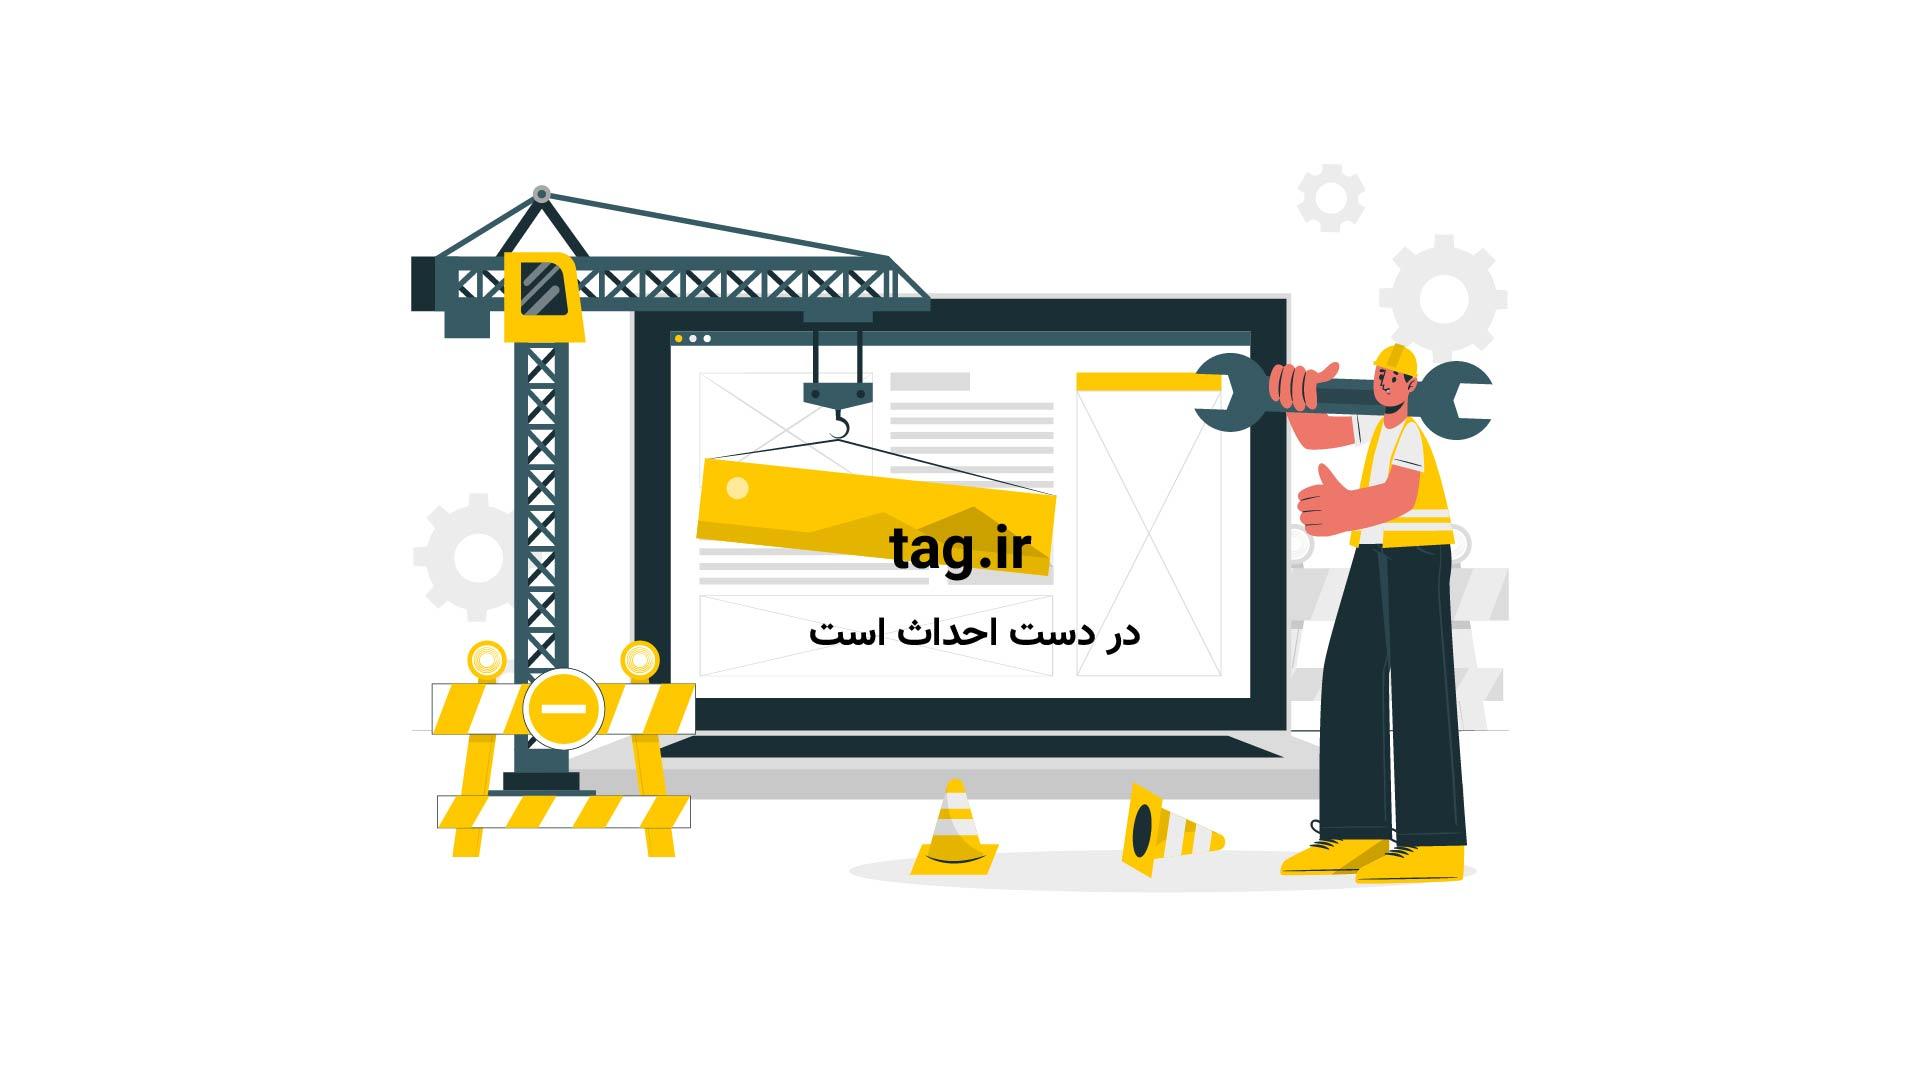 خاطره فرزاد حسنی از اولین حضورش در صدا و سیما | فیلم